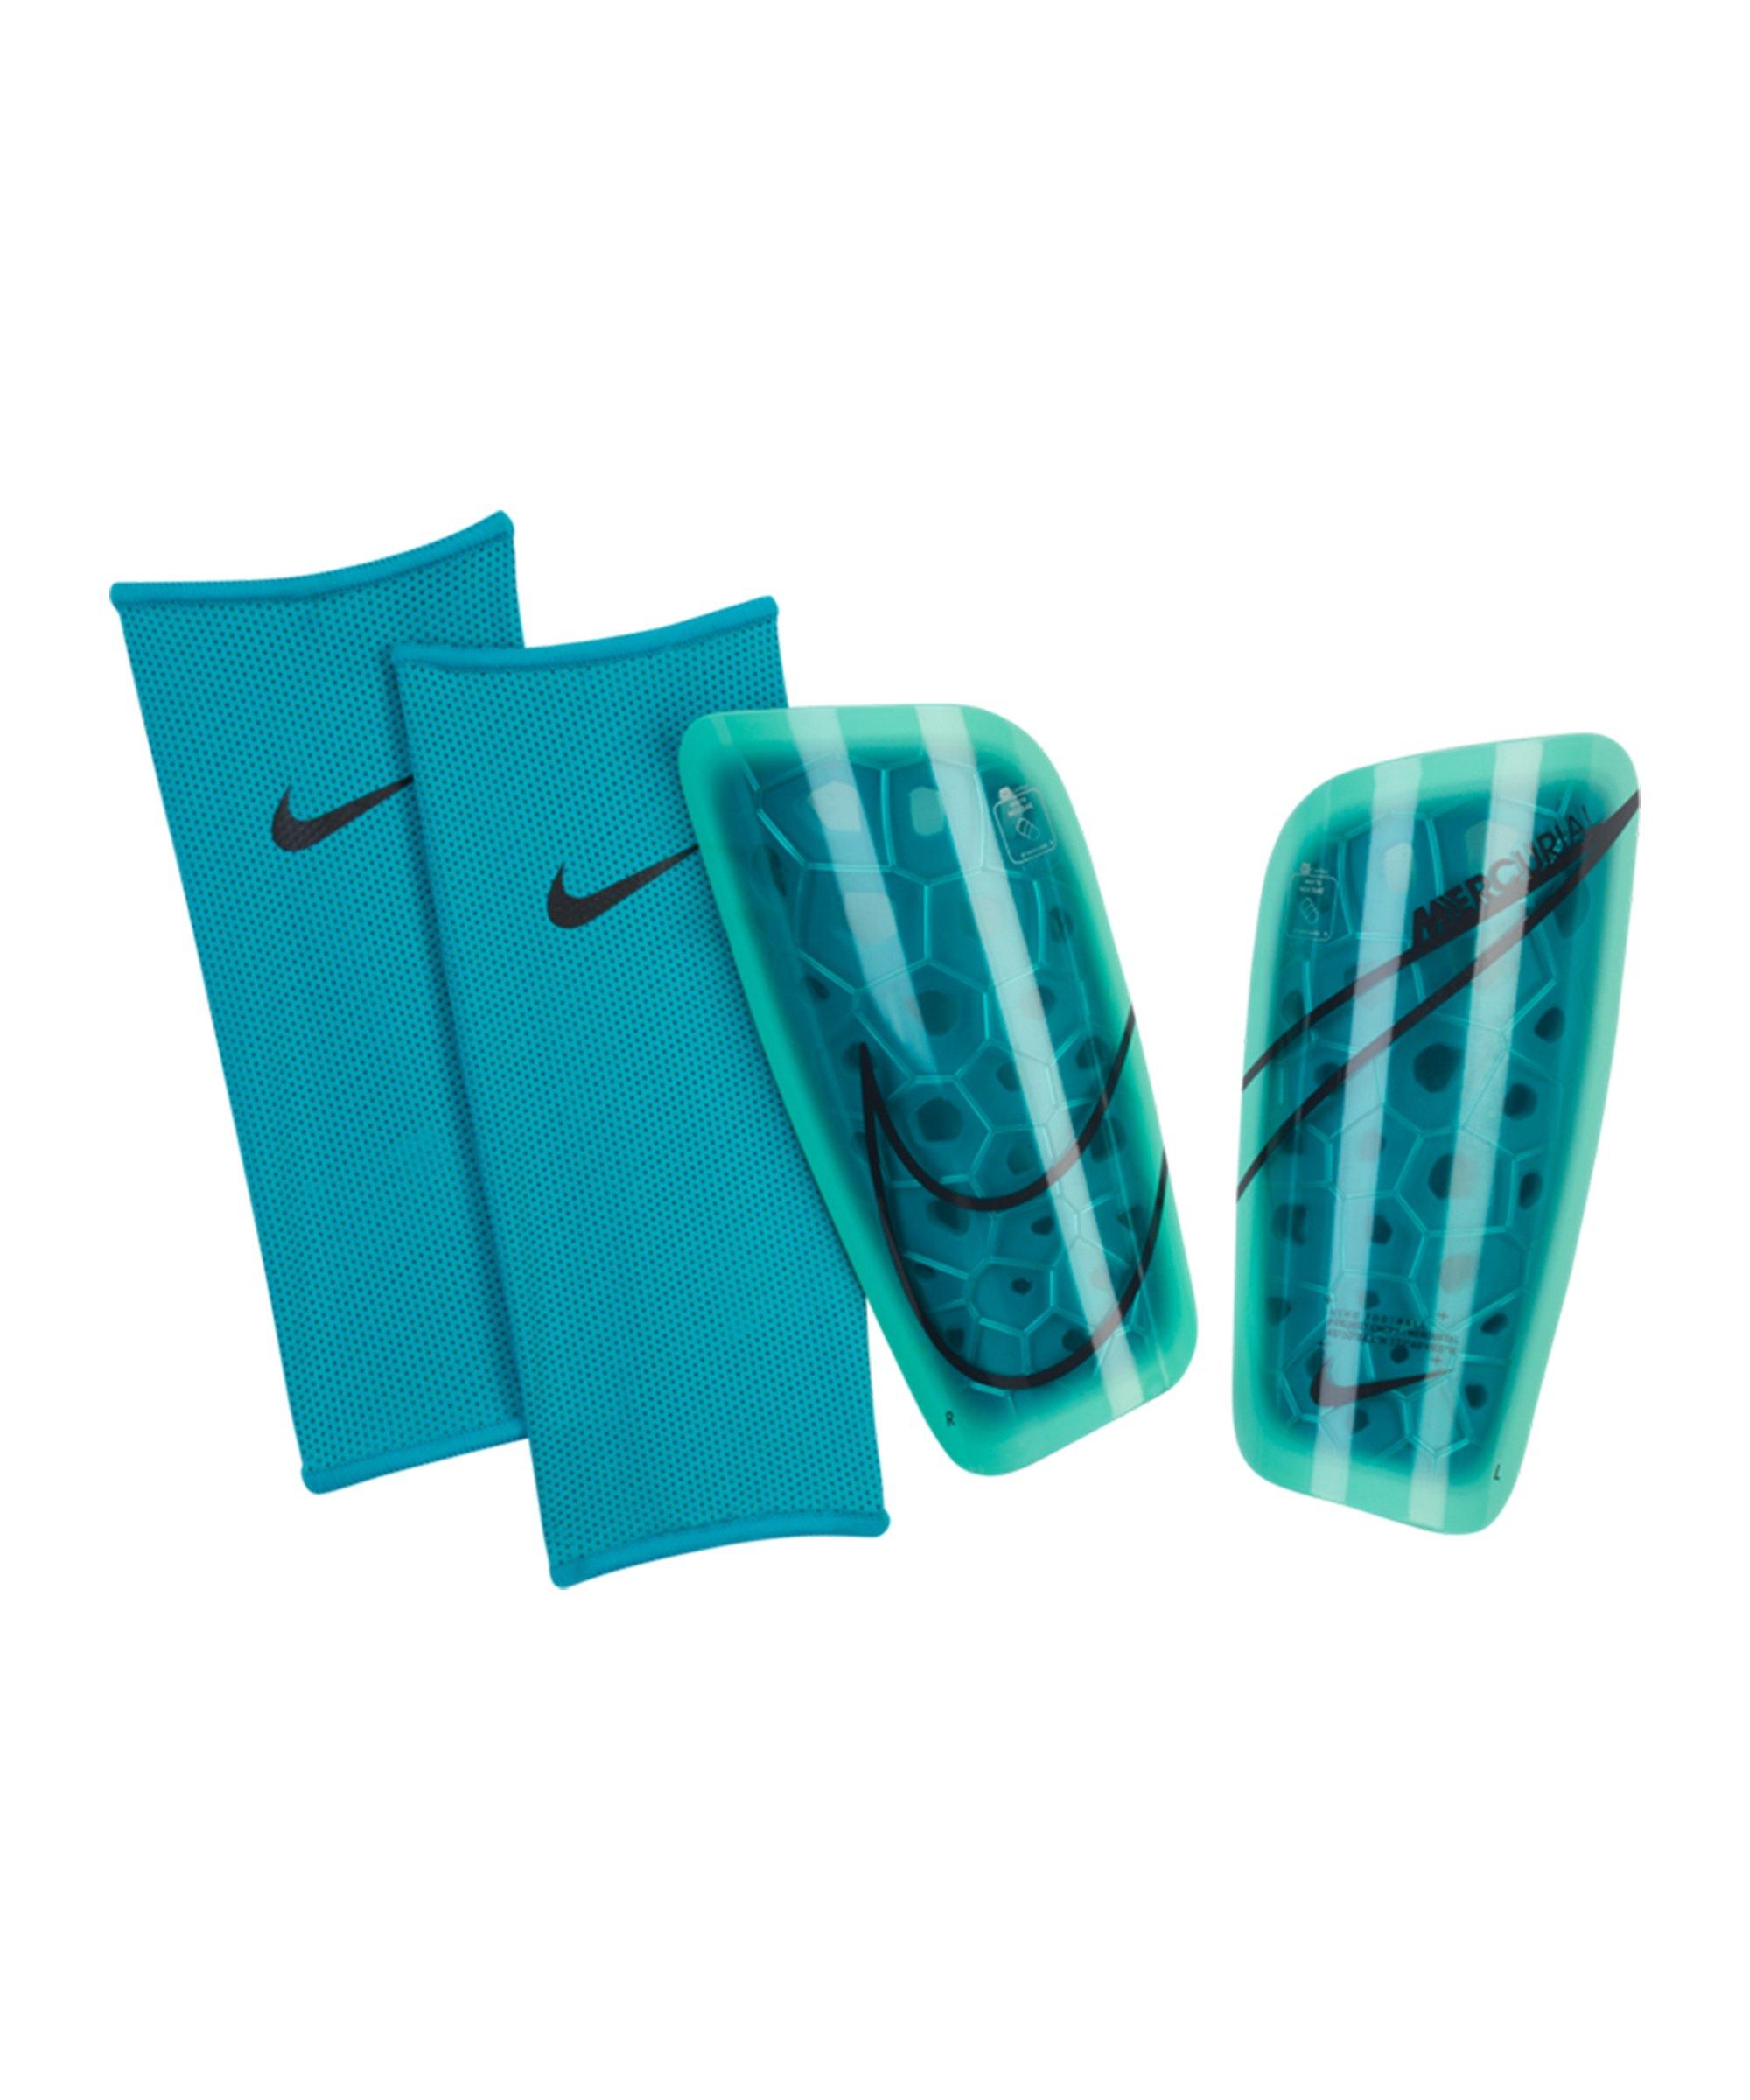 Nike Mercurial Lite Schienbeinschoner Blau F356 - tuerkis